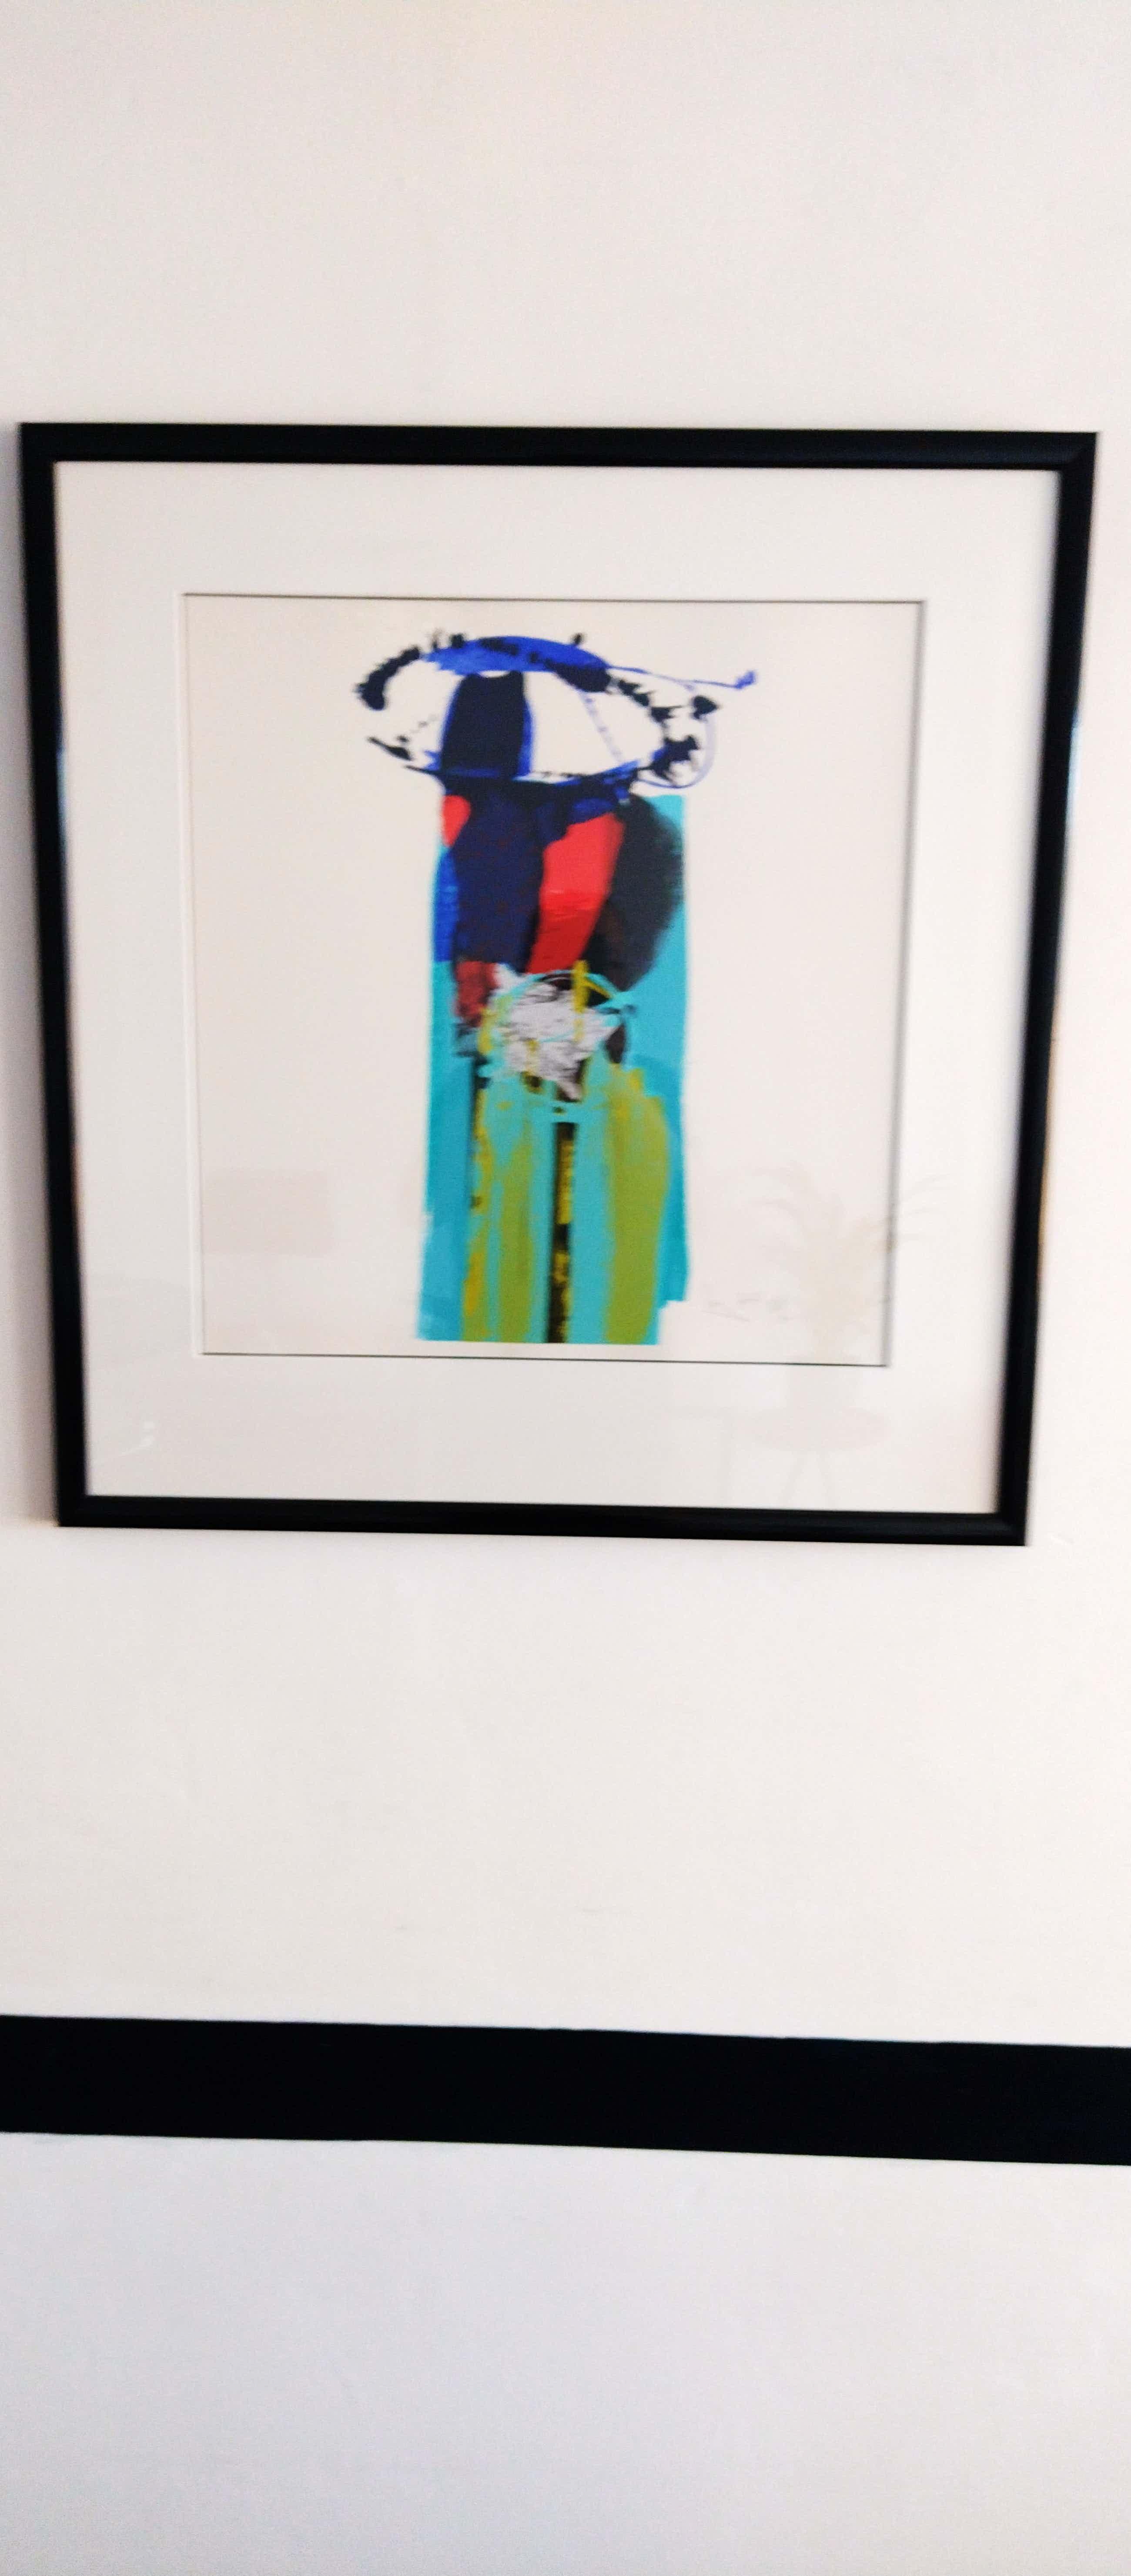 Arty Grimm - Abstract werk uit 1994 kopen? Bied vanaf 80!